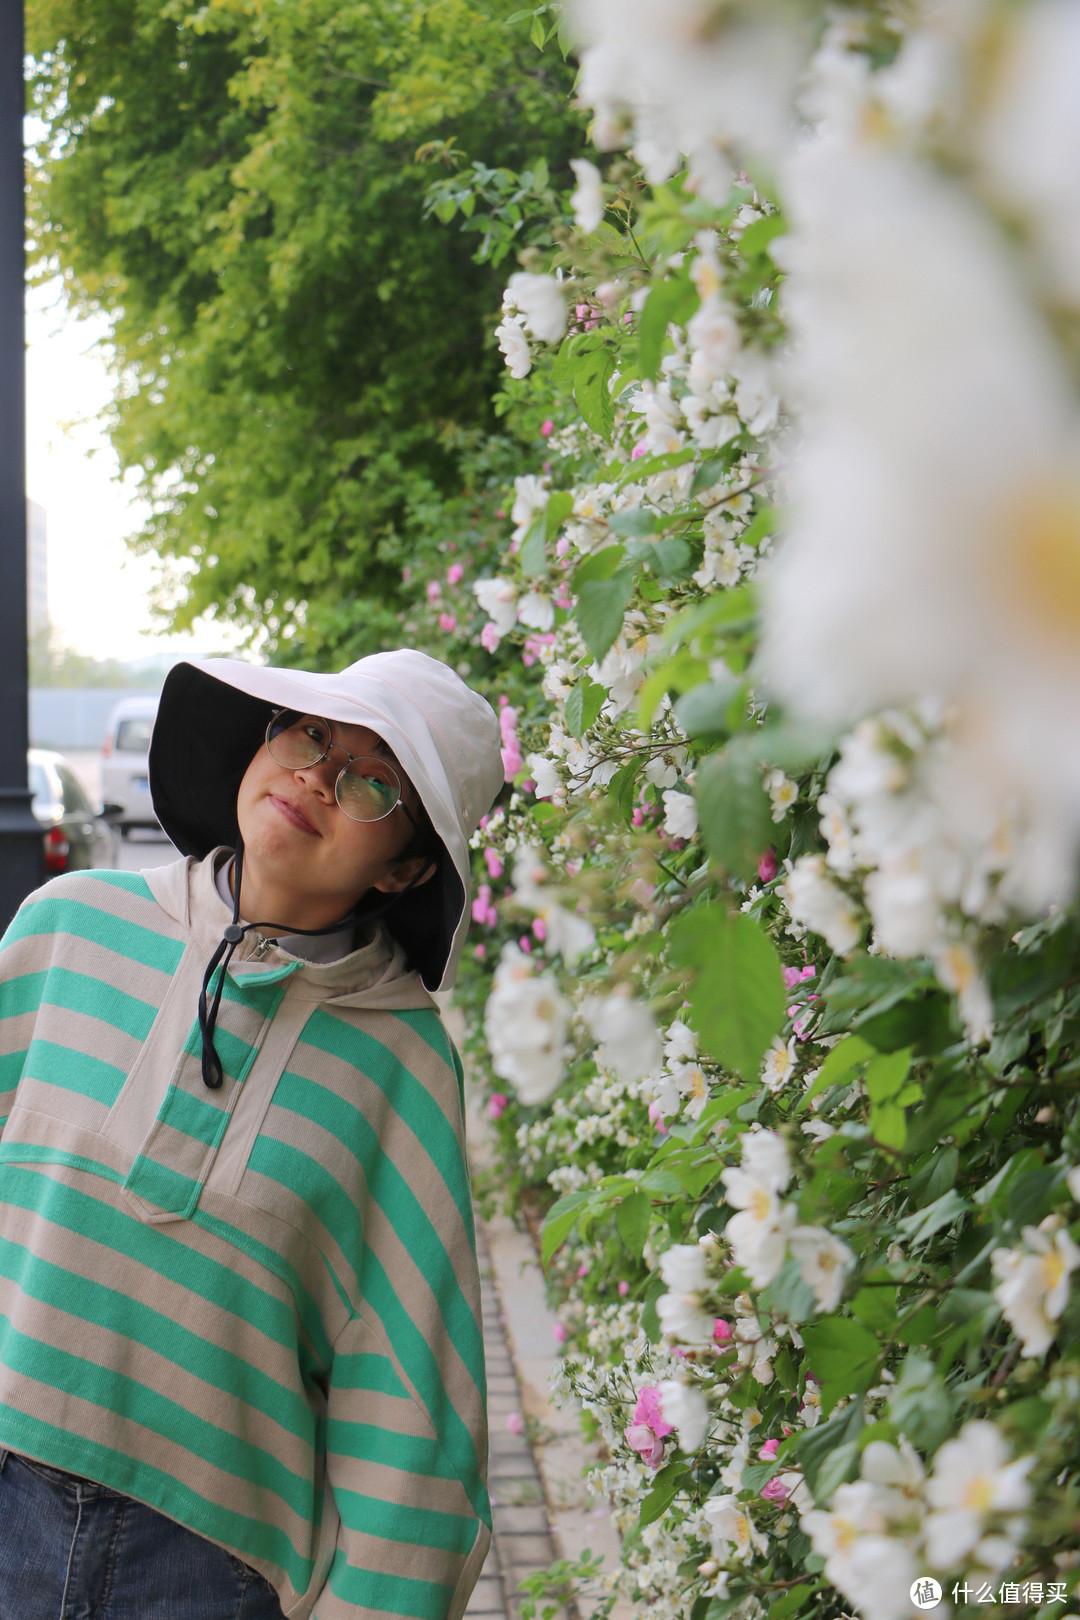 轻如薄翼凉爽随风,蕉内防晒装备助力开启元气夏日!